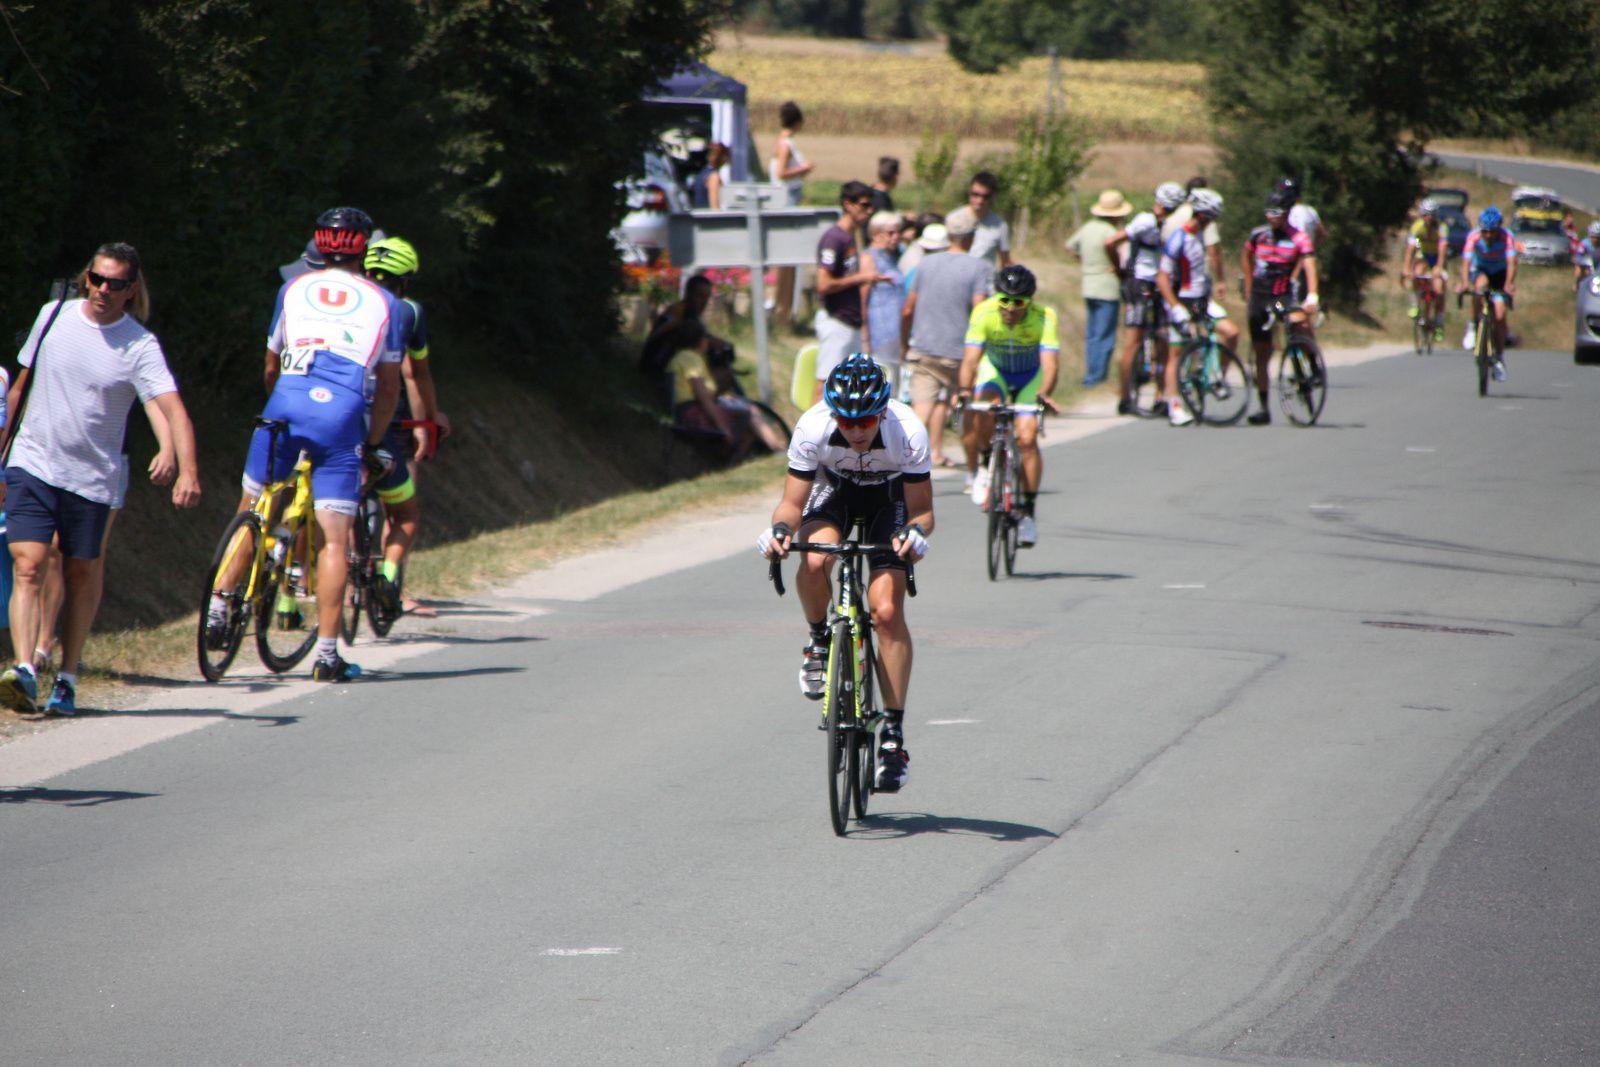 L'arrivée  et  un  trés  beau  sprint  entre  les  2  cadets  surclassés  en  vue  des  championnats  de  France